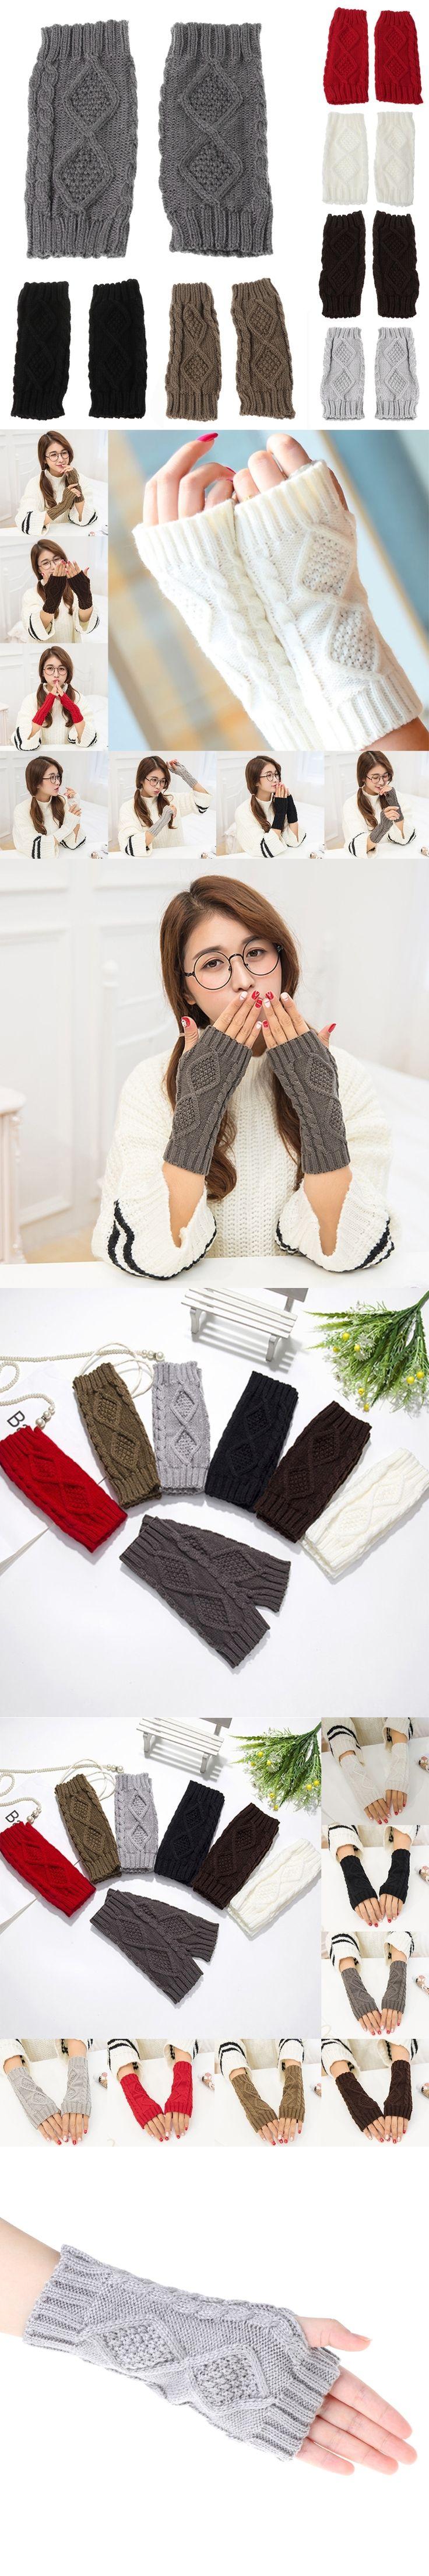 women gloves Stylish hand warmer winter gloves women Arm Crochet Knitting faux Wool Mitten warm Fingerless Gloves,gants femme